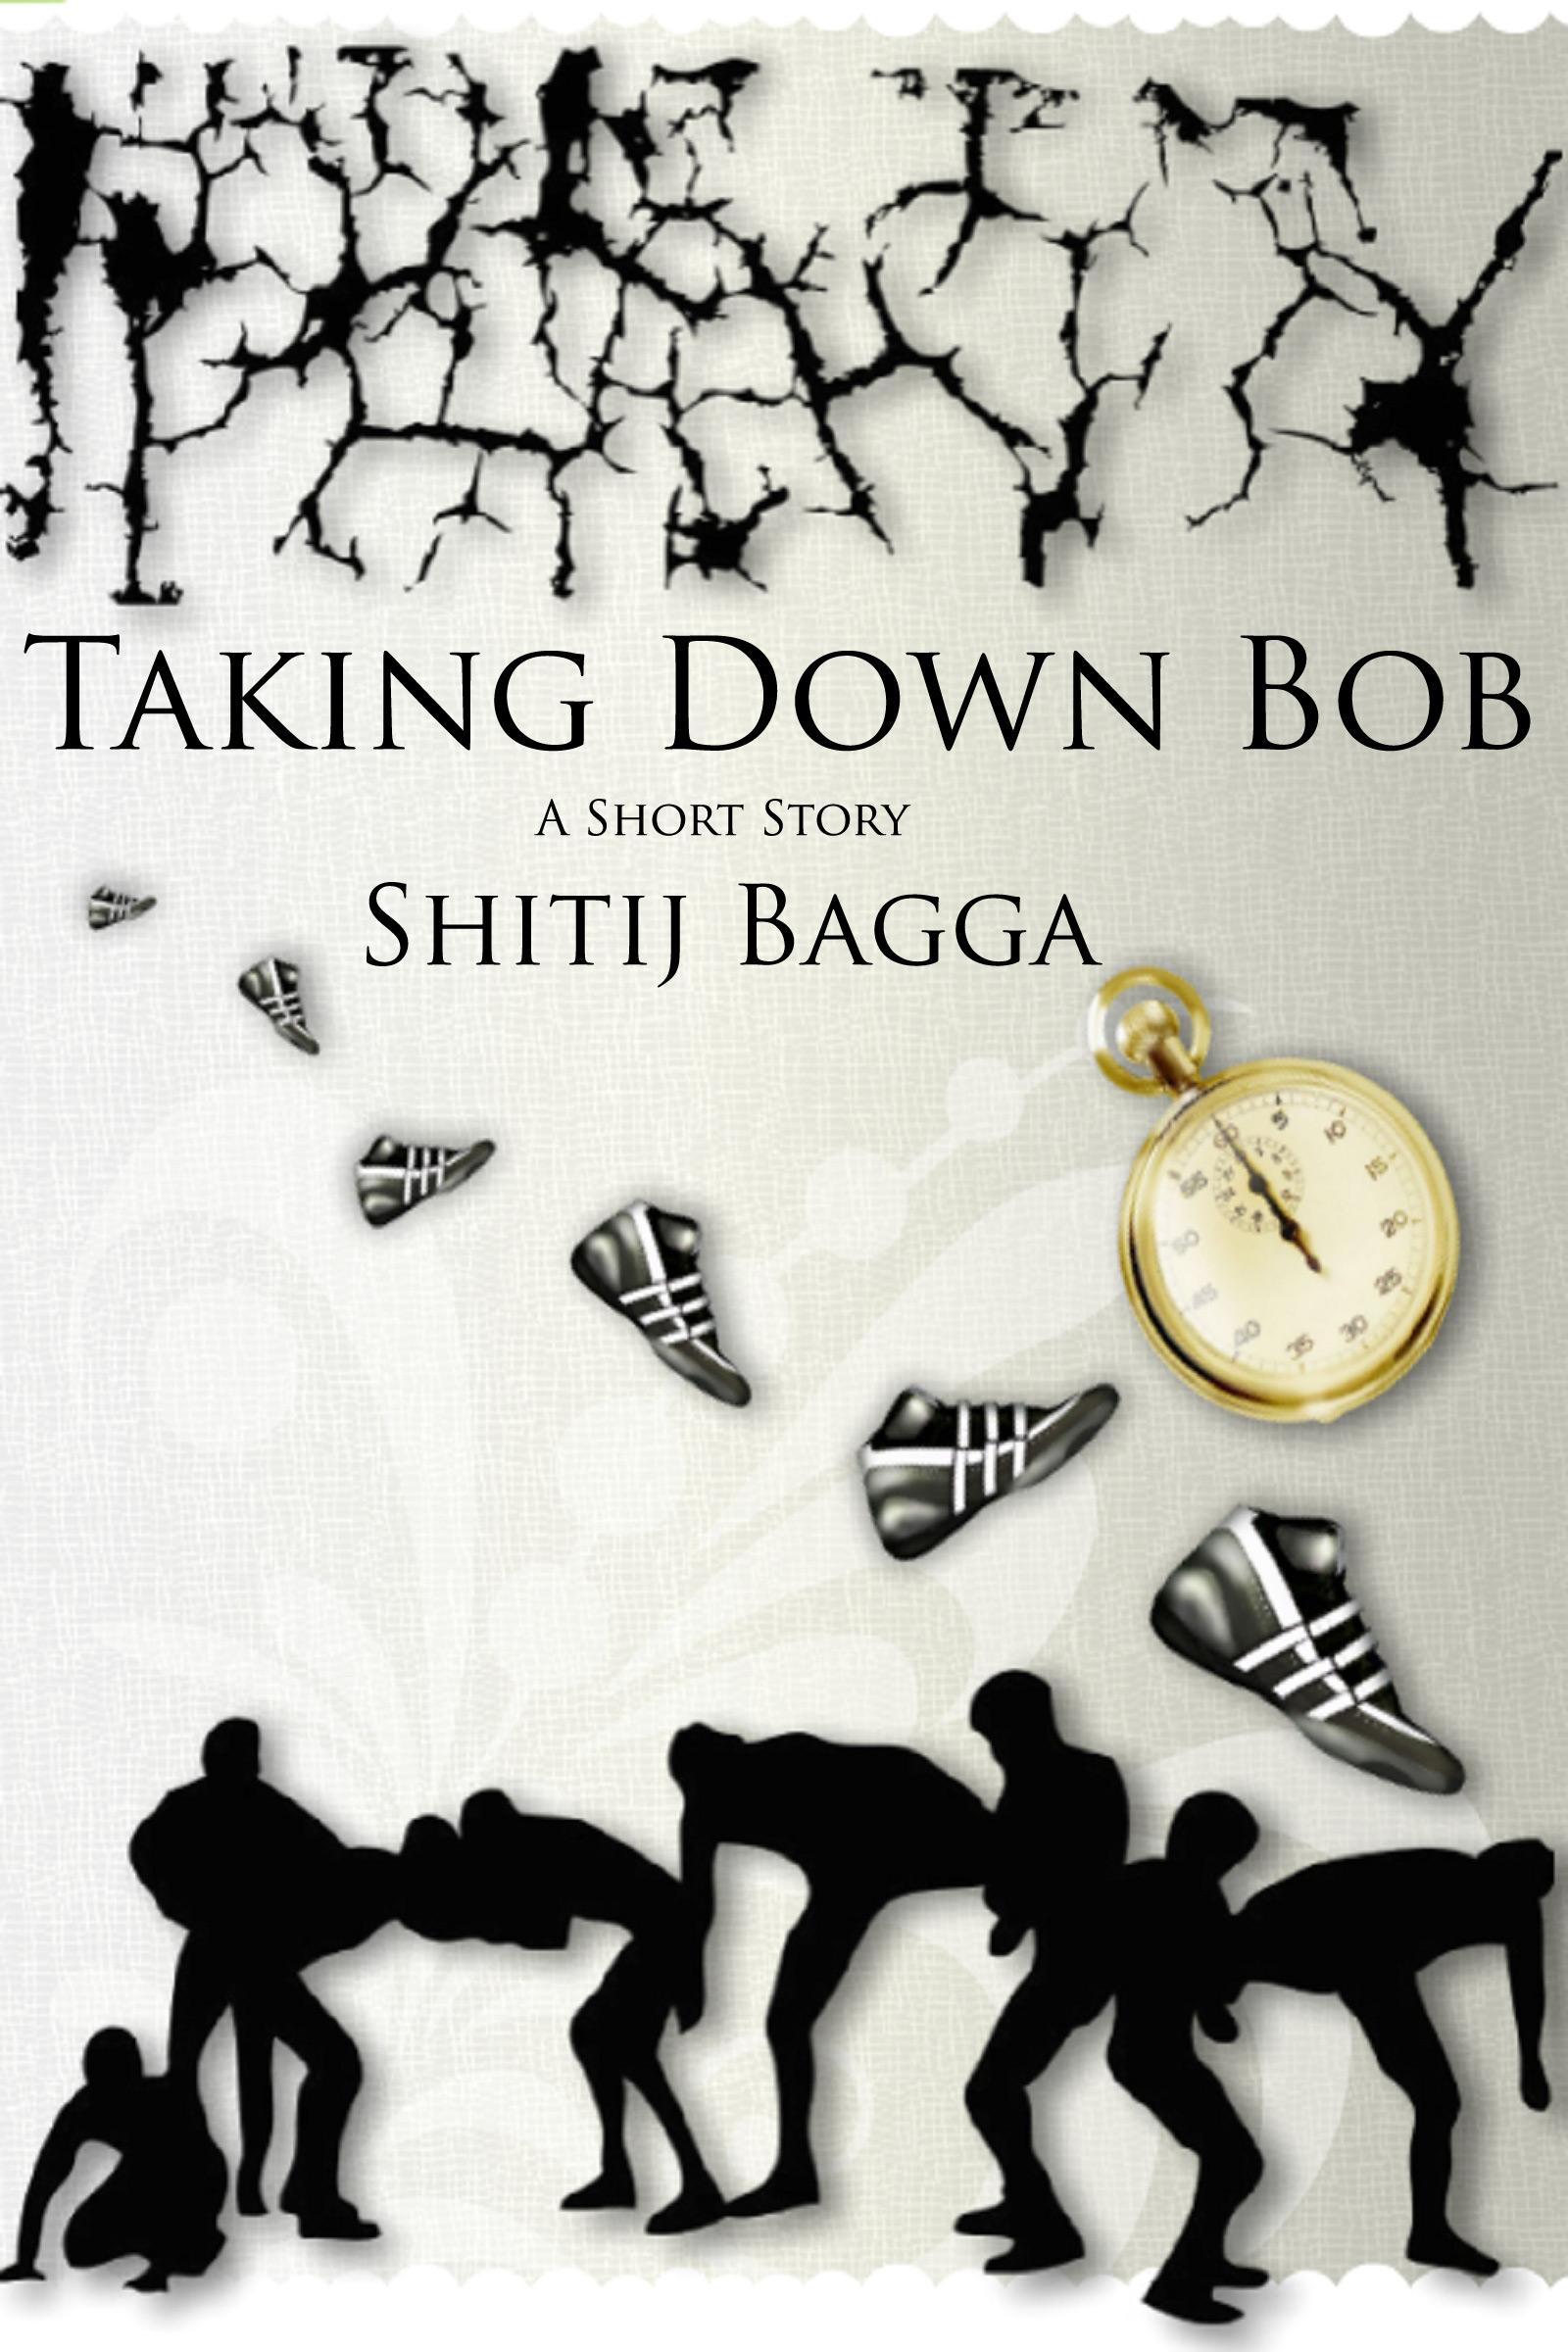 Taking Down Bob